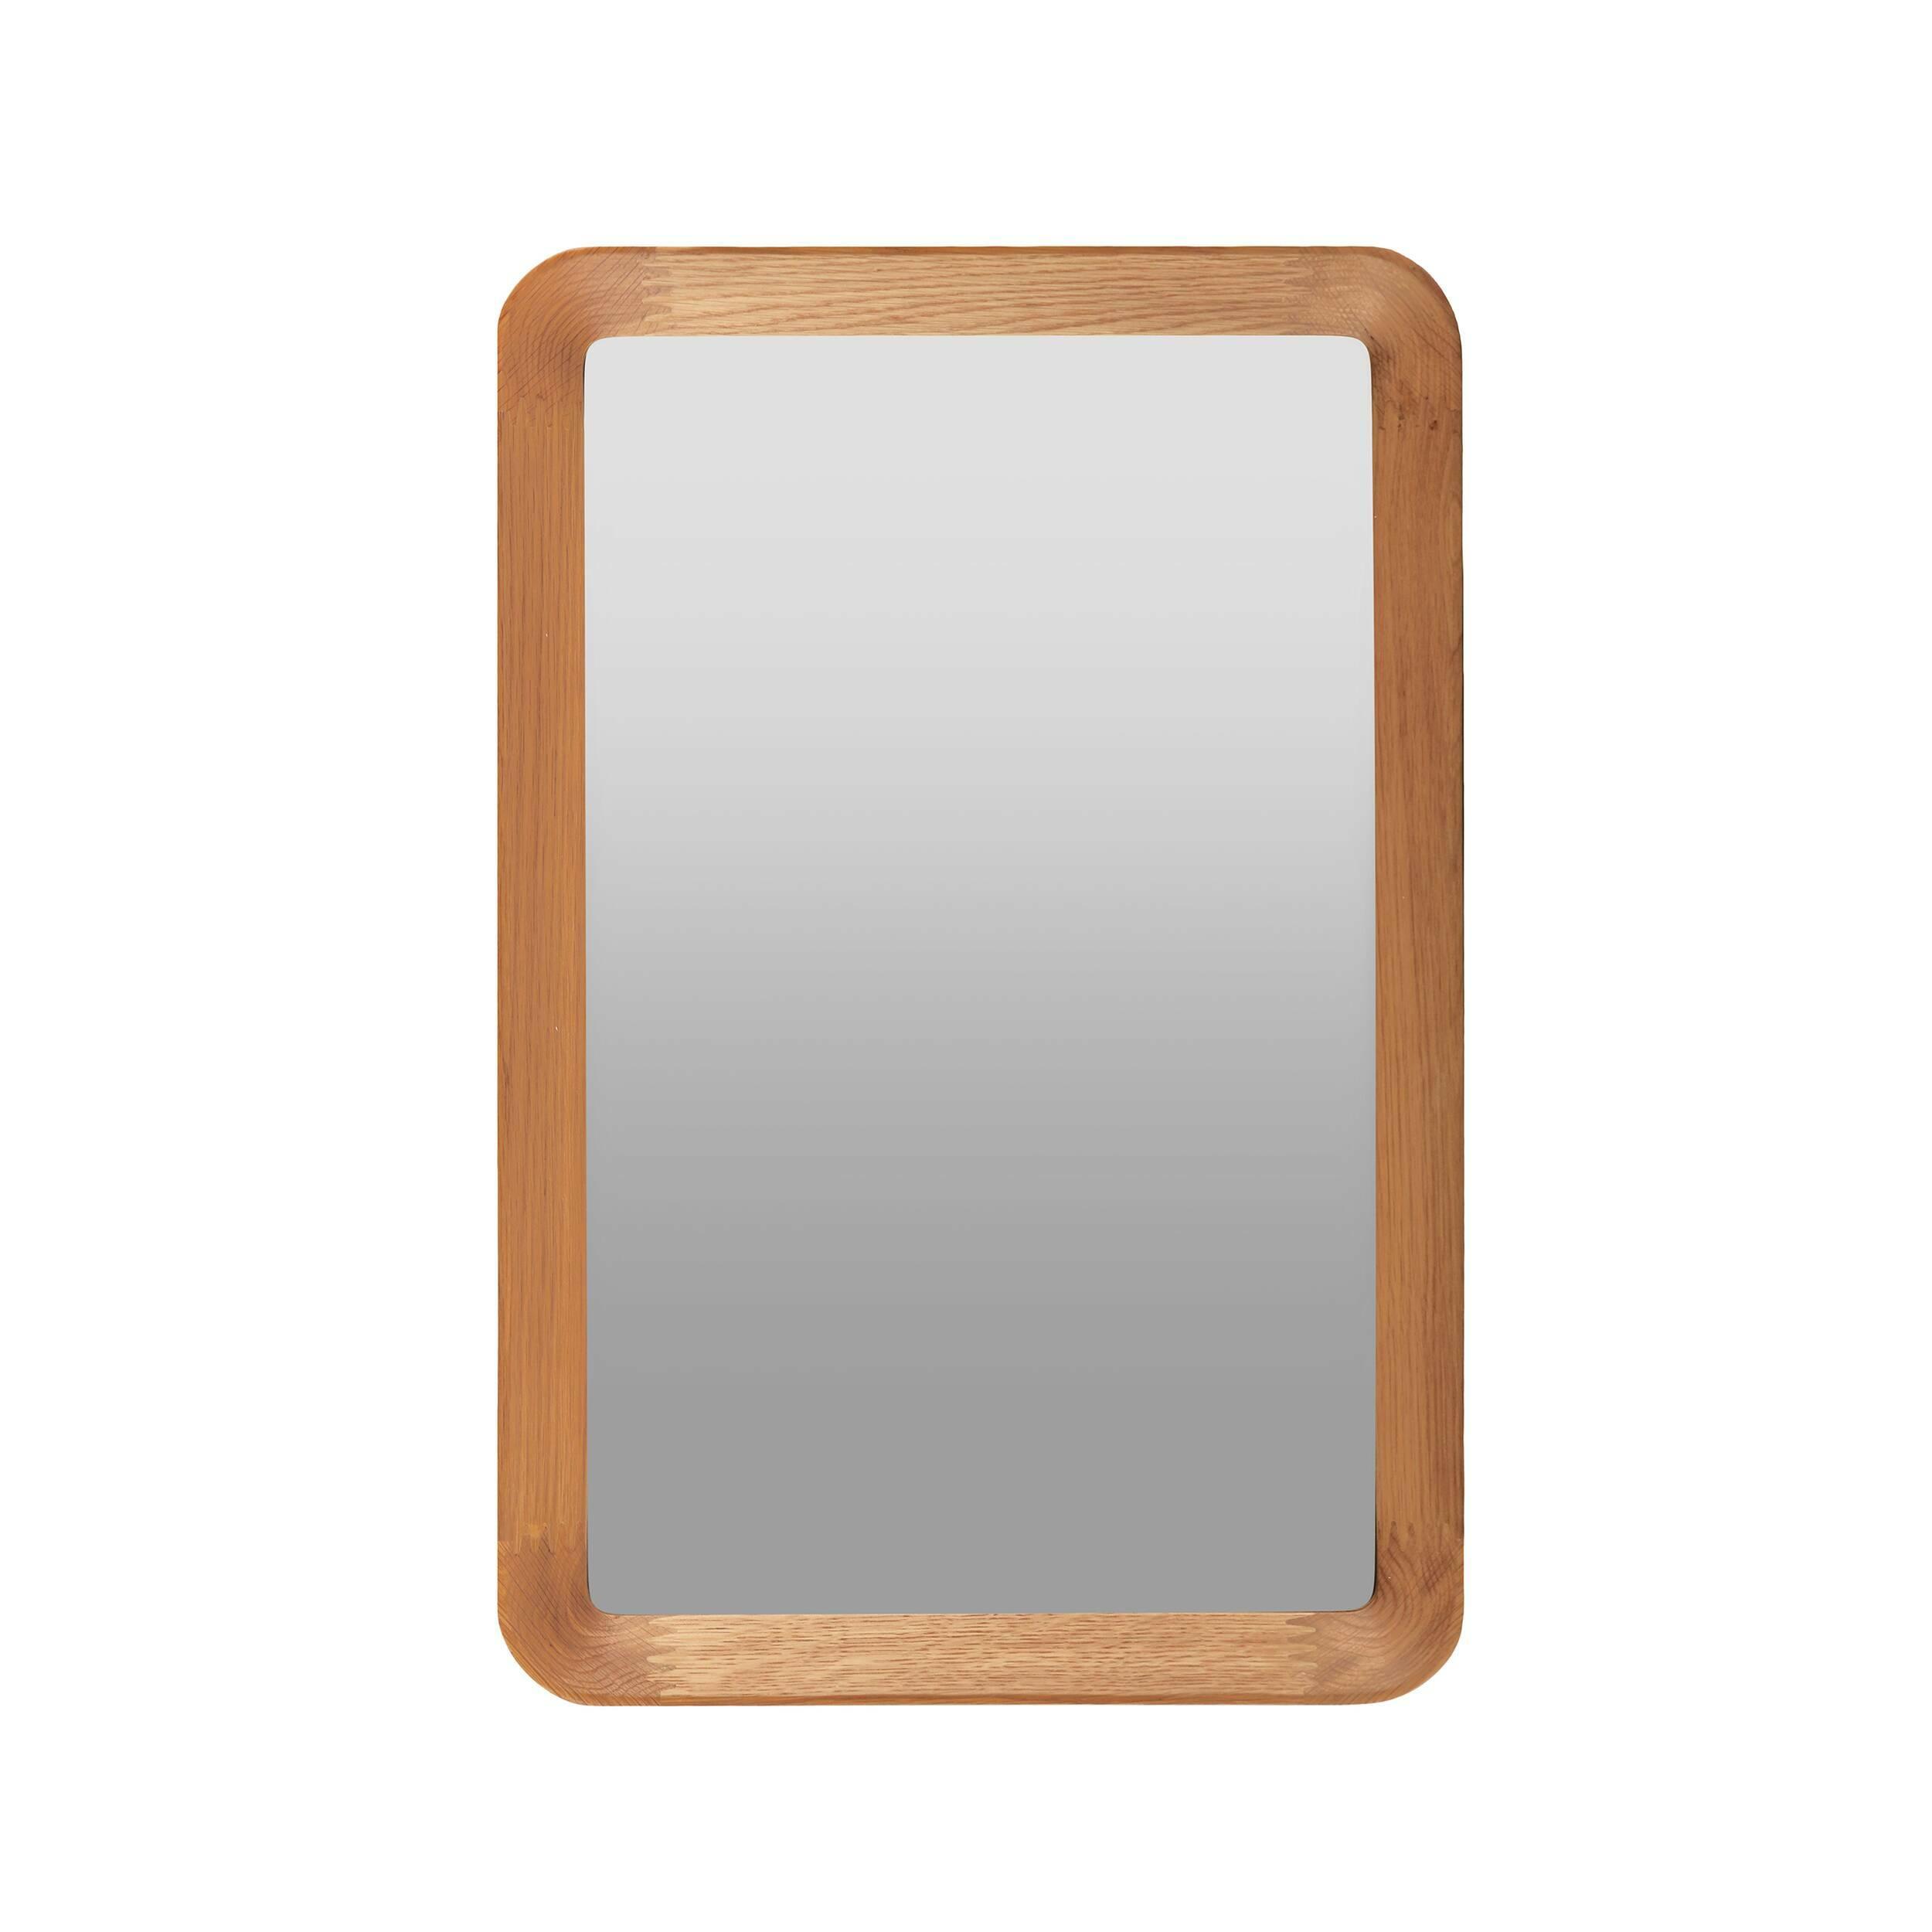 Настенное зеркало Velodrome прямоугольноеНастенные<br>«Я буду долго гнать велосипед» — всплывает в голове строчка из популярного шлягера при взгляде на это геометричное зеркало с запоминающимся названием. Похожими ассоциациями руководствовался и его создатель, дизайнер из Канзаса Шон Дикс, который славится своими лаконичными творениями без лишних деталей.<br><br><br> Однажды он рассматривал фактурные следы от шин на велодроме и решил воссоздать поверхность и текстуру в контрасте гладкого стекла и чуть неровной и шероховатой натуральной рамы из де...<br><br>stock: 0<br>Высота: 60<br>Ширина: 40<br>Материал: Дуб белый<br>Длина: 5